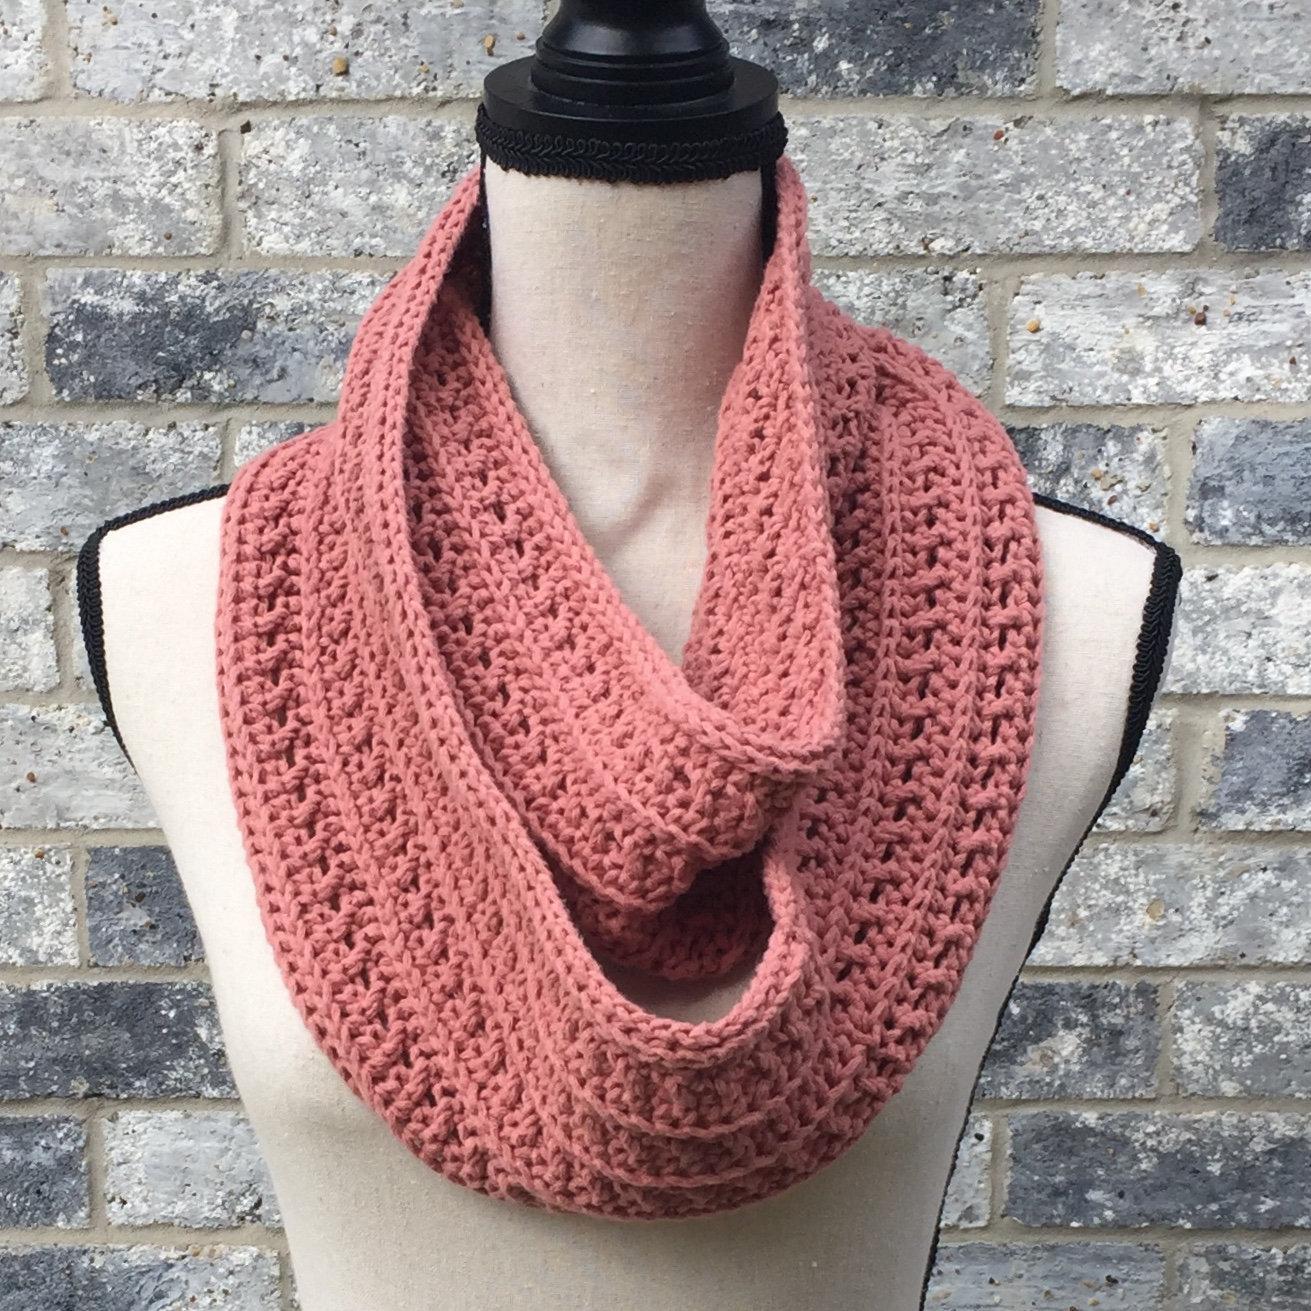 Free Infinity Scarf Crochet Pattern  Crochet Scarf Pdf Pattern Crochet Infinity Scarf Pattern Etsy